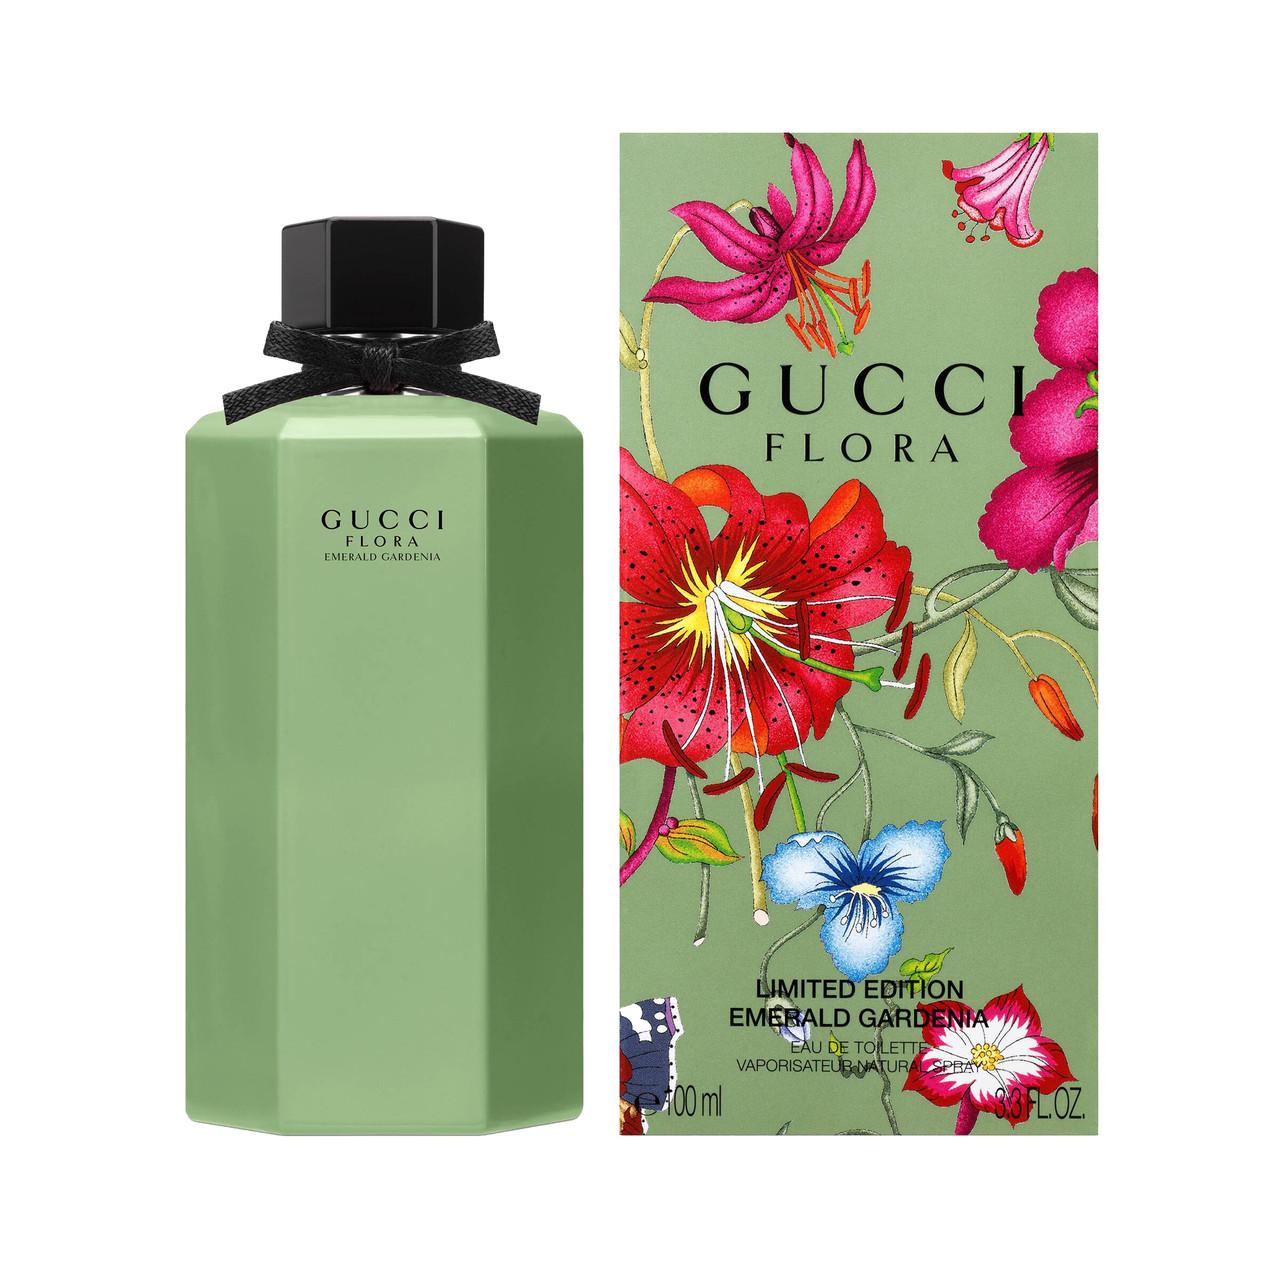 Гуччи новый аромат 2019 для женщин GUCCI Flora Emerald Gardenia 100мл летний цветочный парфюм ОРИГИНАЛ